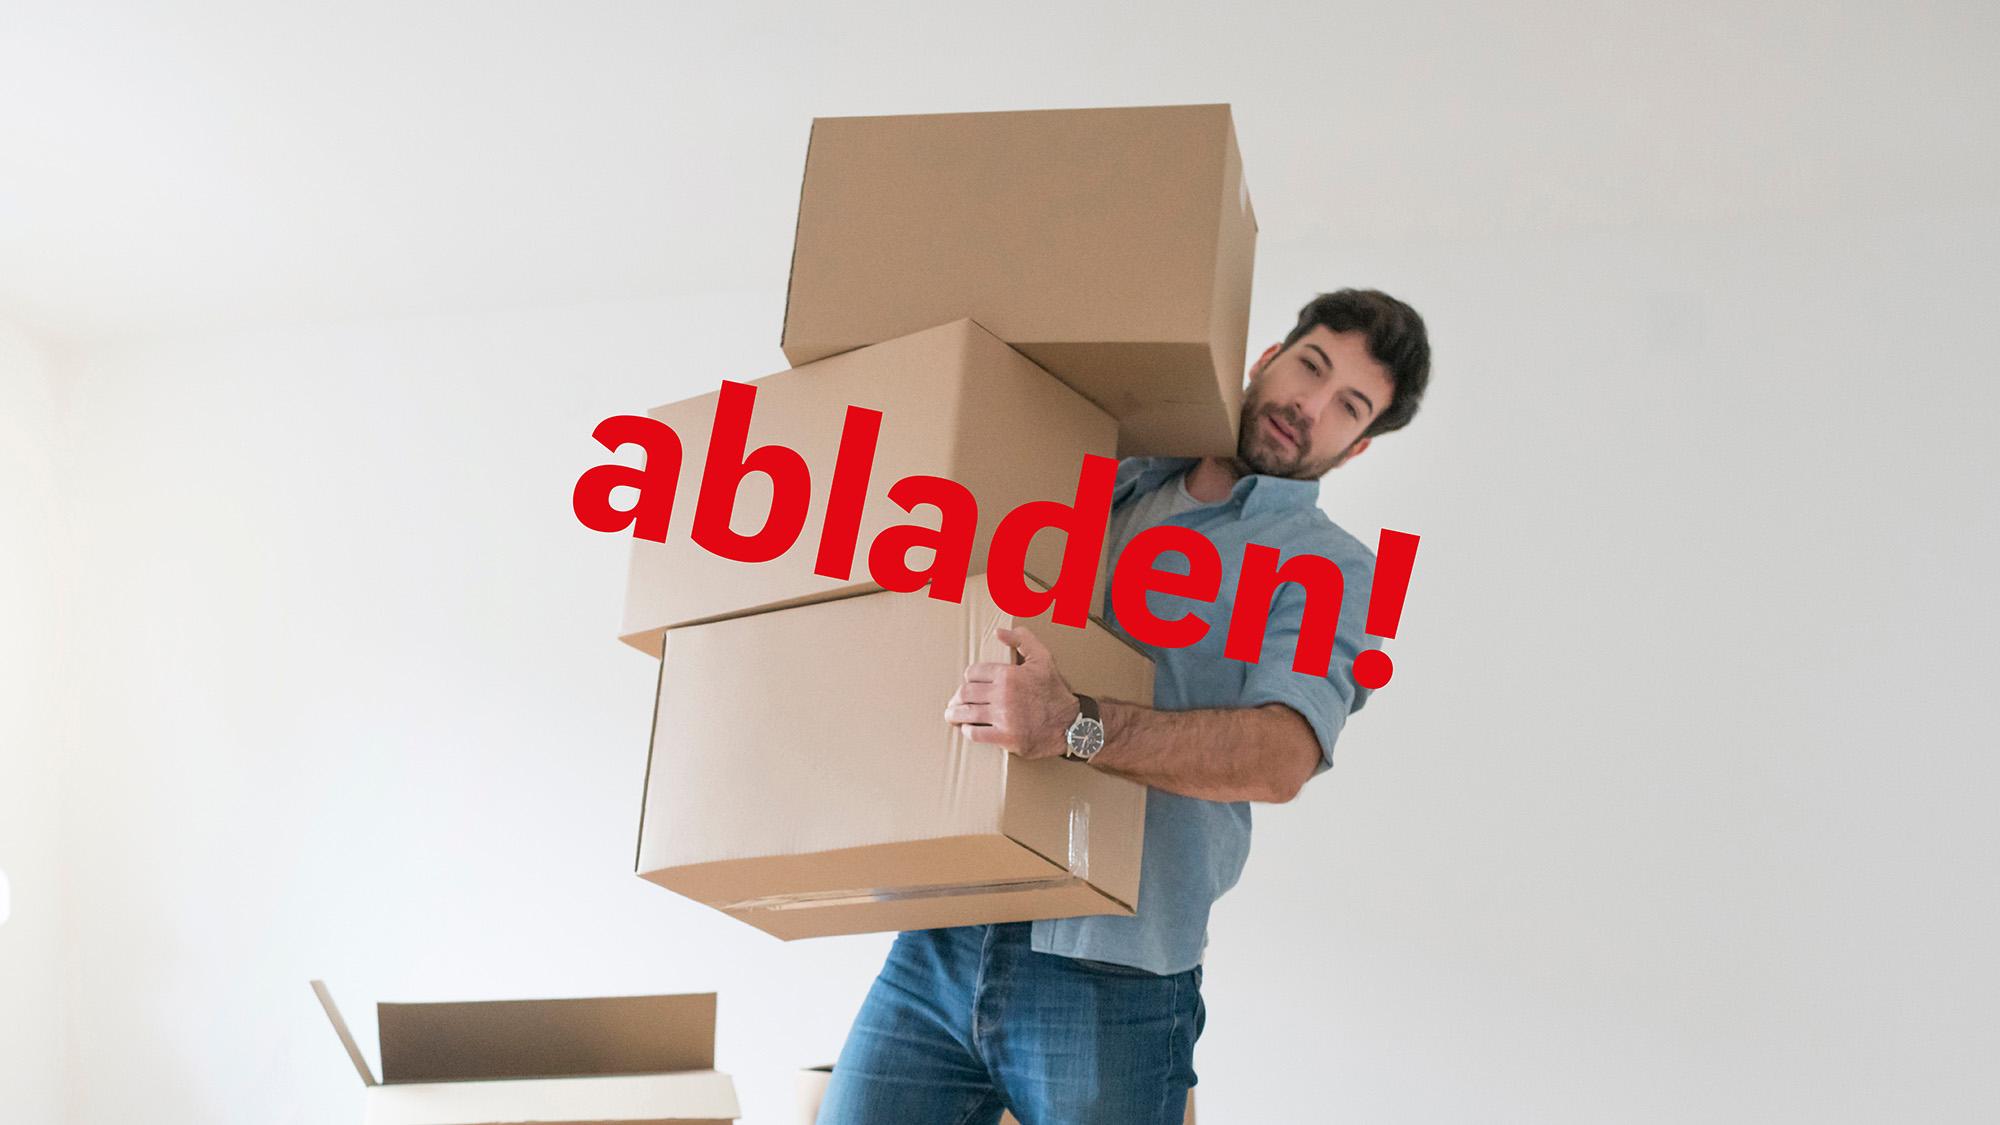 #1: Abladen!